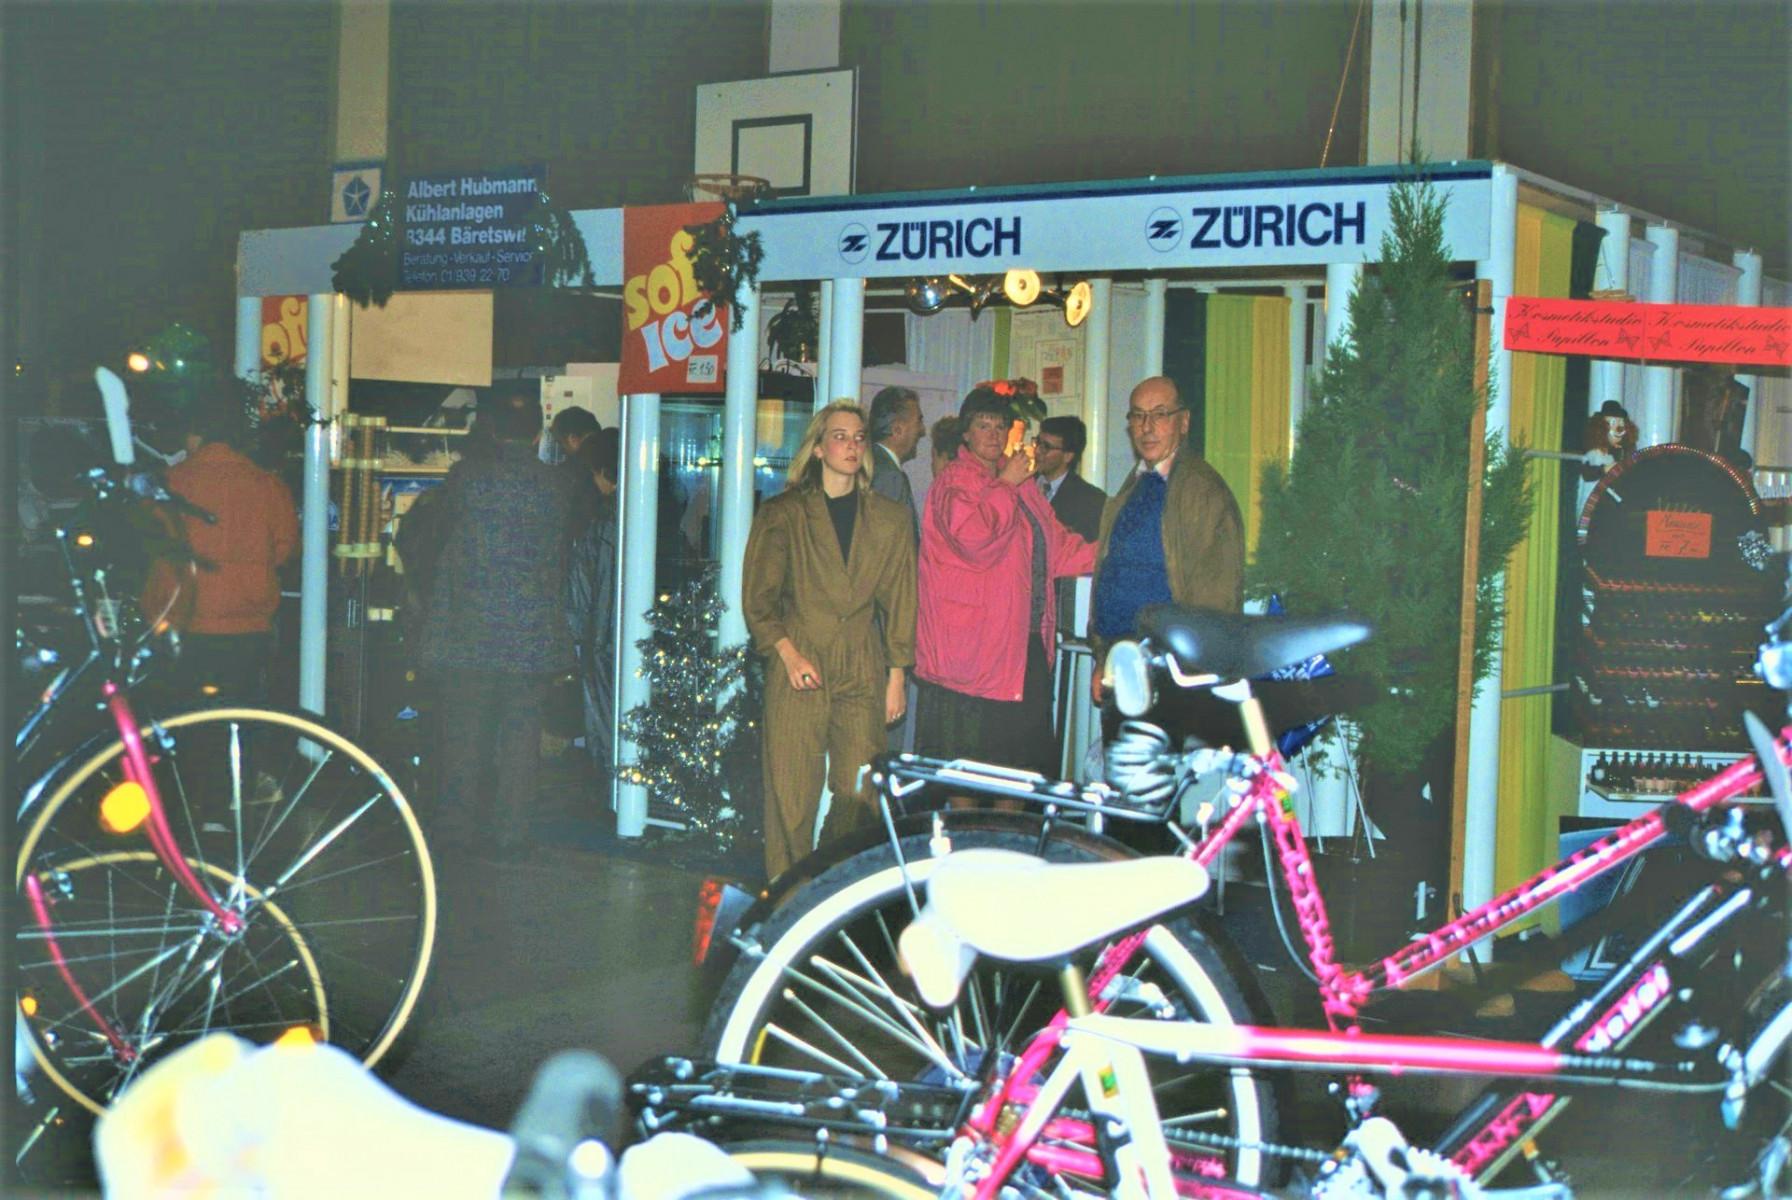 Gewerbeausstellung Zürich-Versicherung, Hubmann Albert